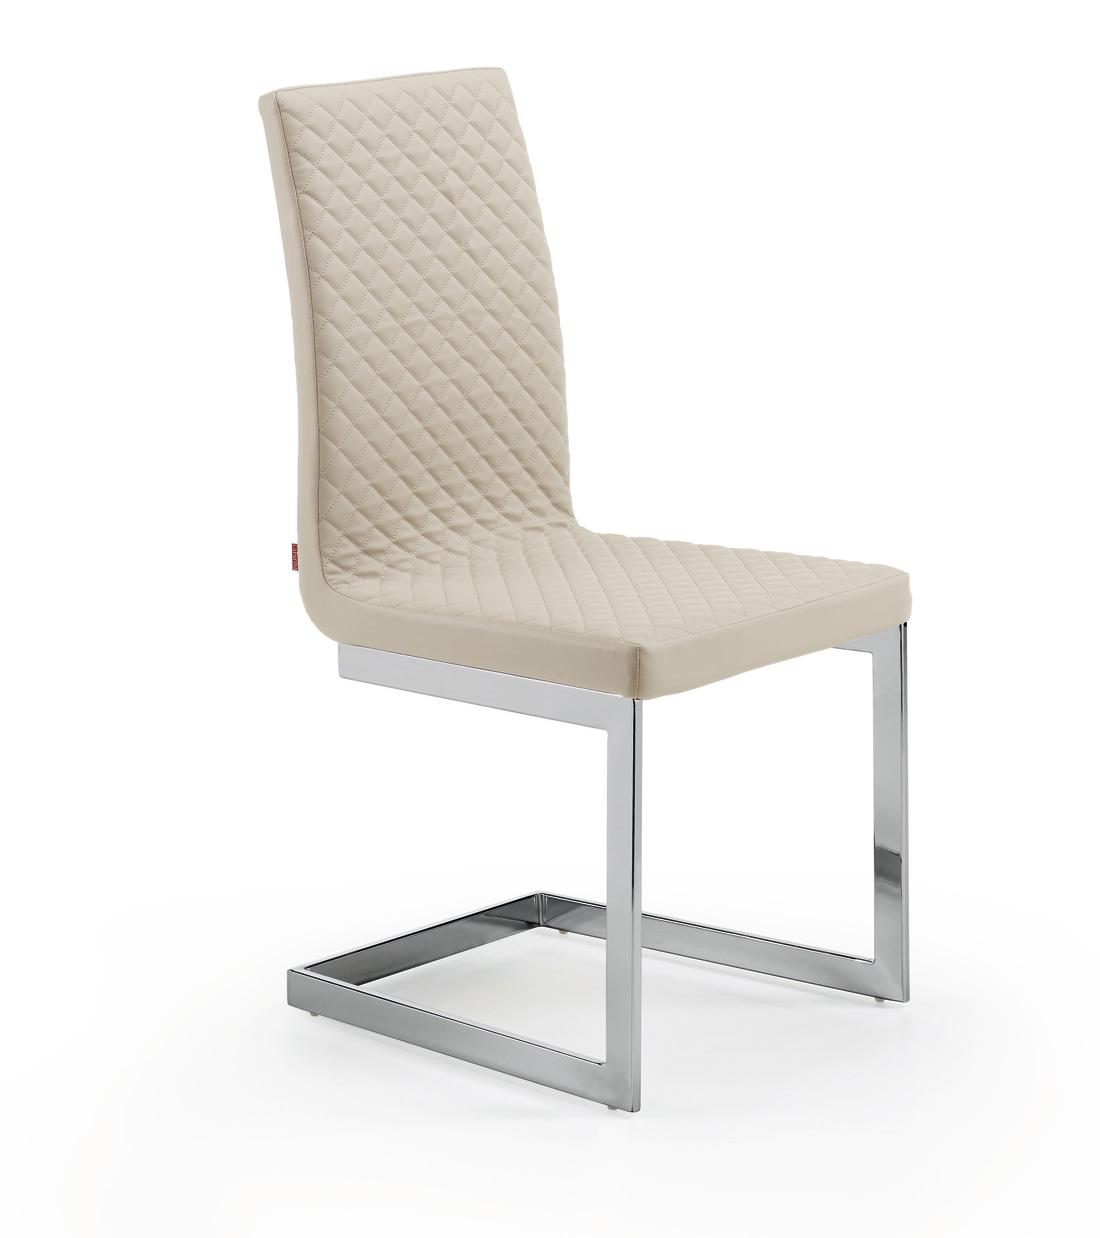 Sillas modelo kedin patas cromadas curvas muebles de for Sillas comedor color beige